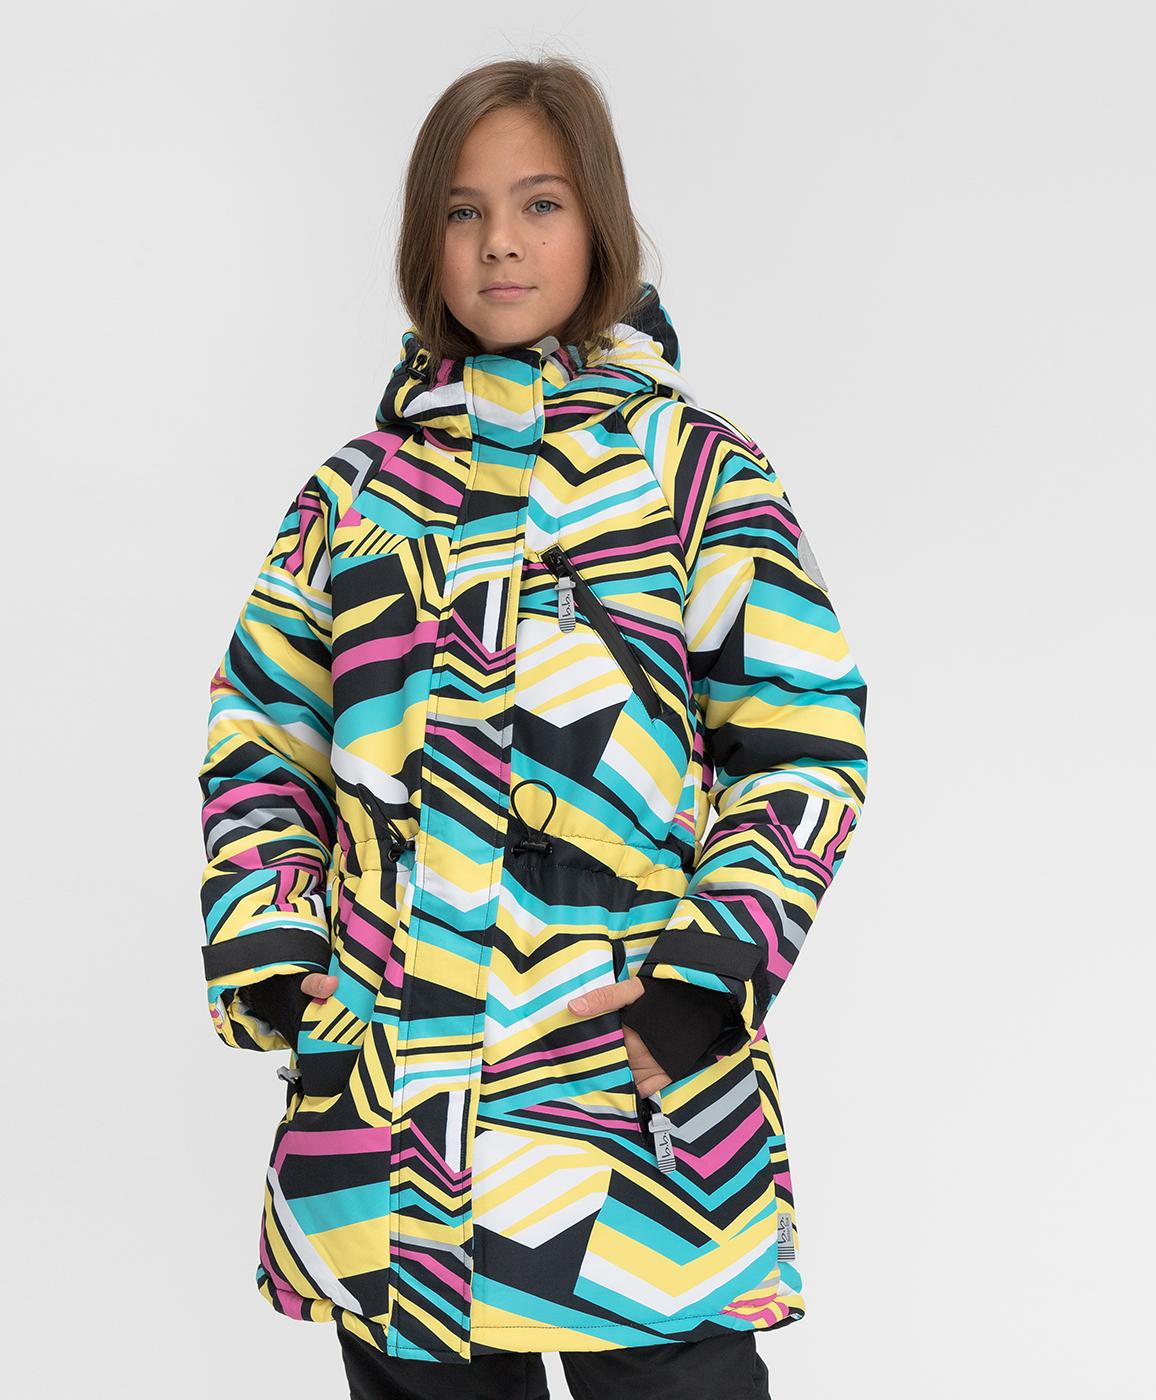 Купить 220BBGA45020010, Зимнее пальто Active Button Blue, мультицвет, 140, Мембрана, Женский, Зима, ОСЕНЬ/ЗИМА 2020-2021 (shop: GulliverMarket Gulliver Market)